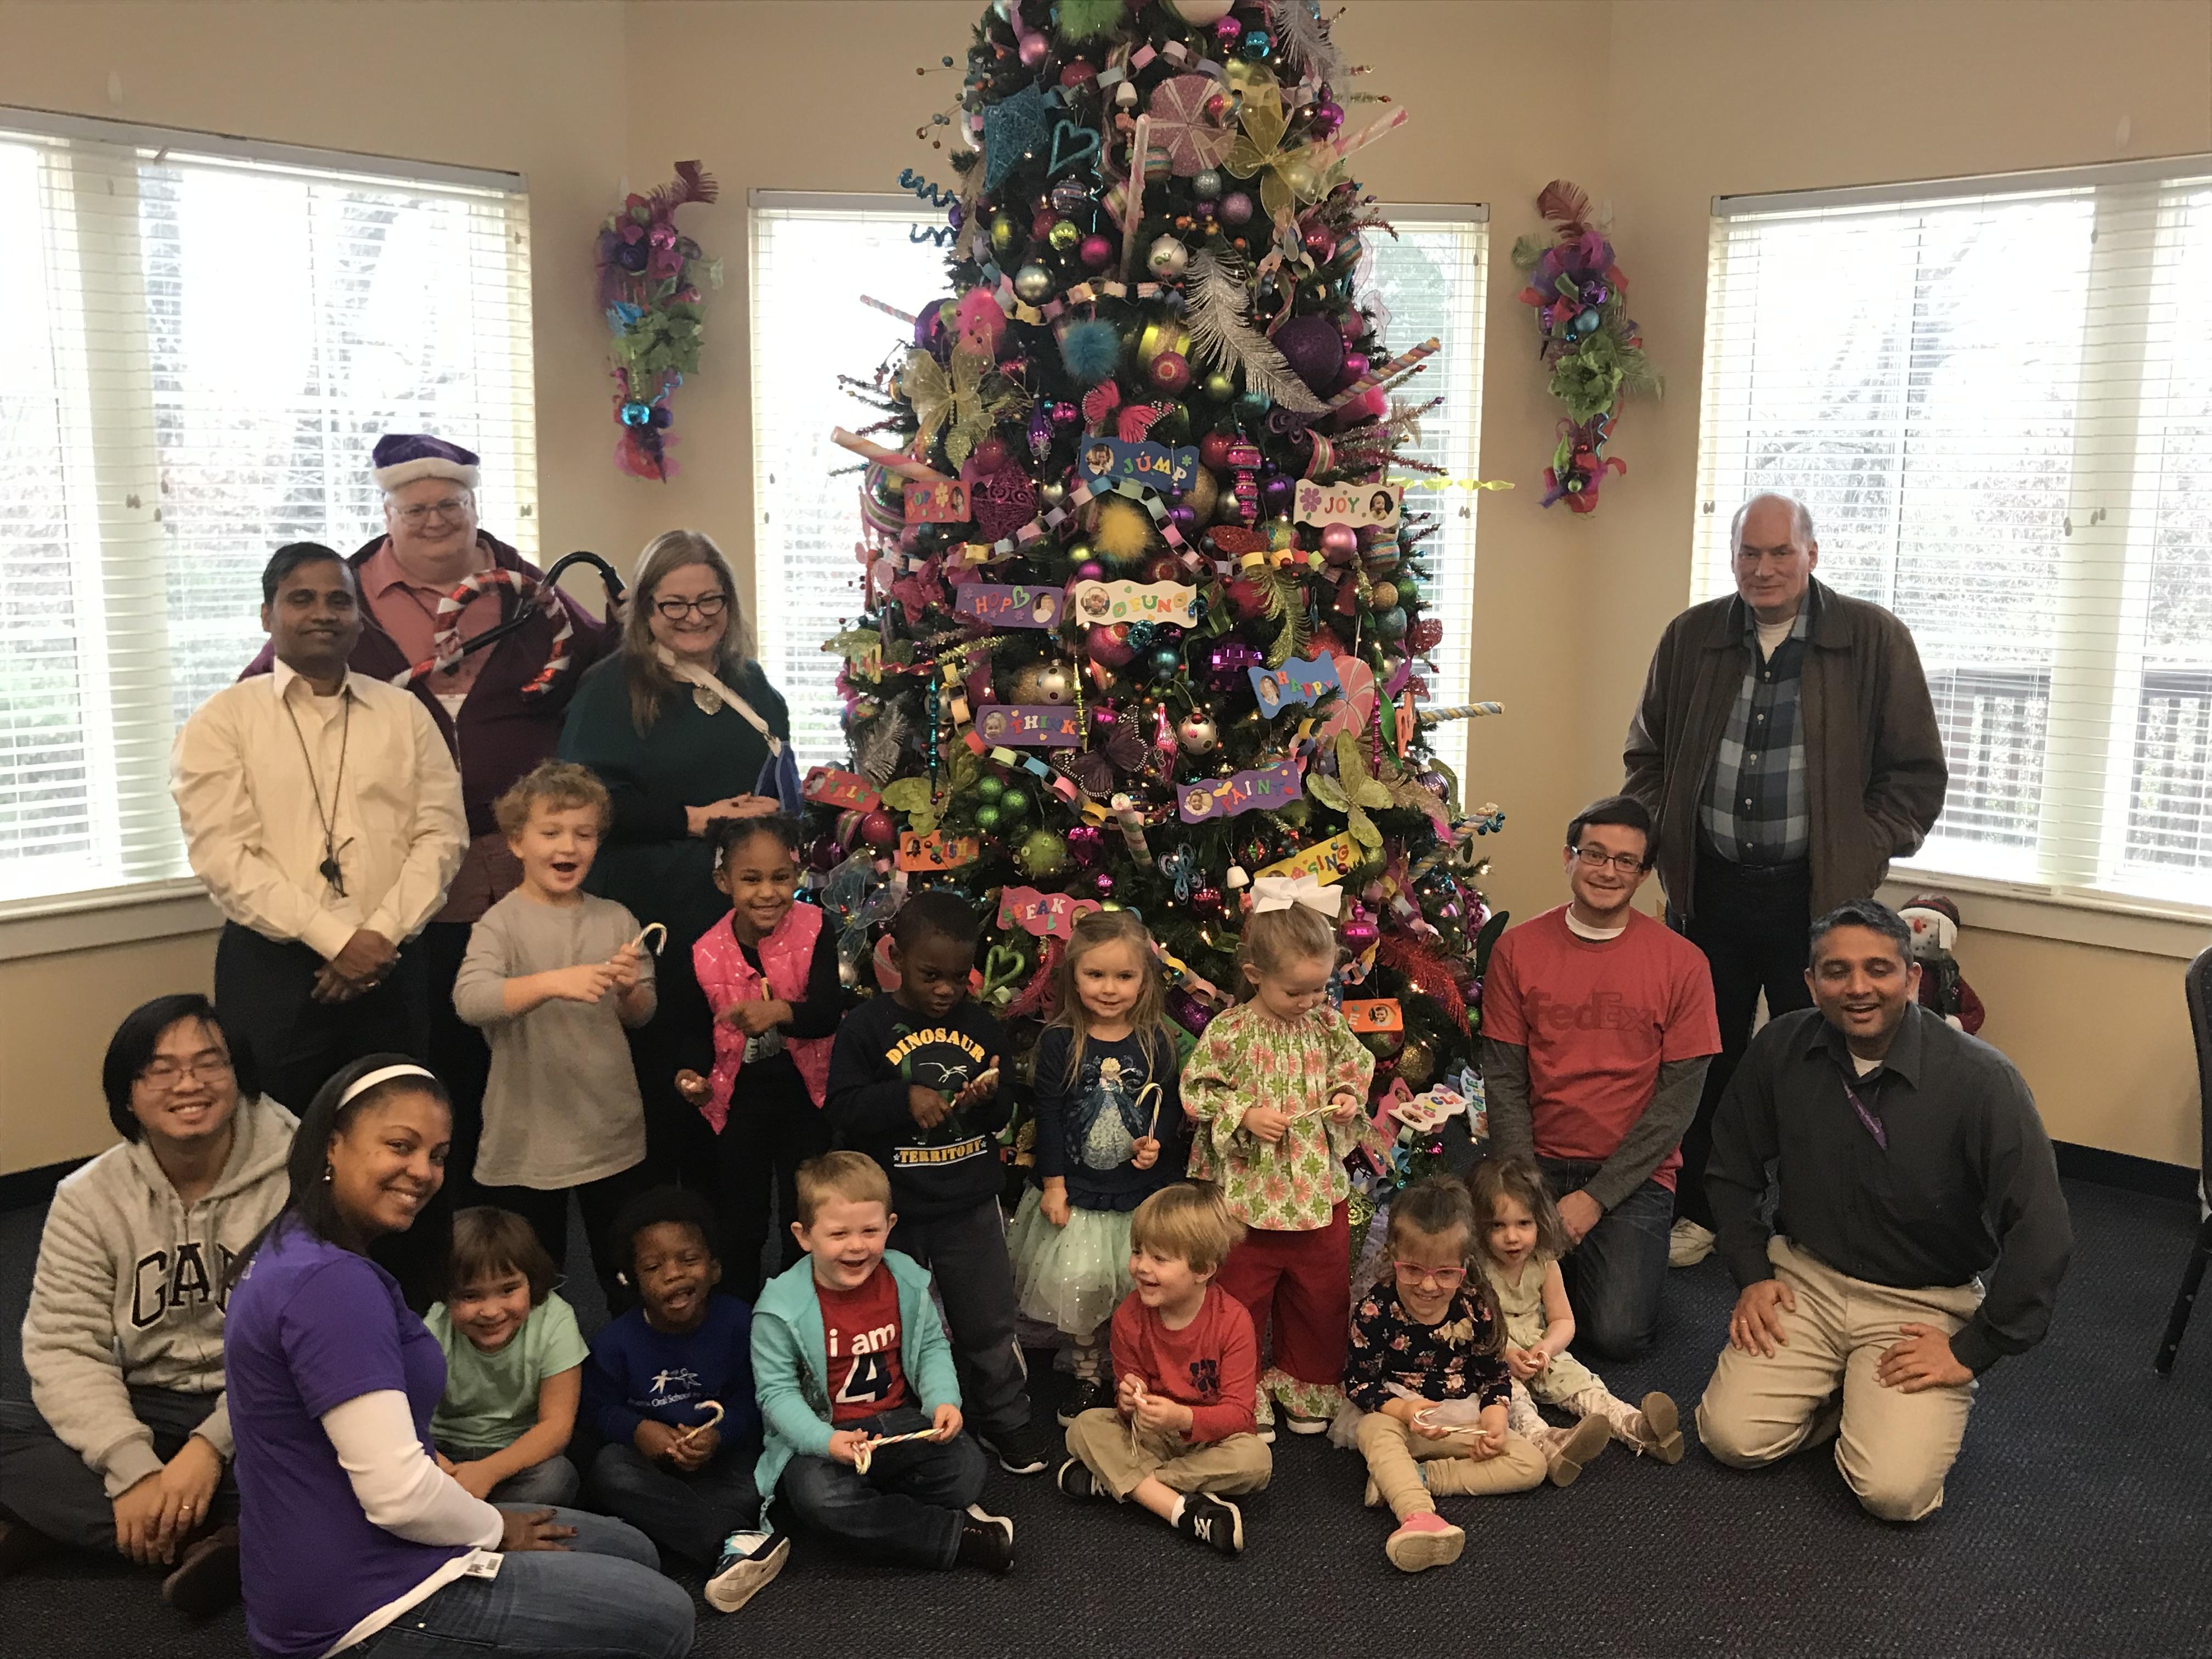 FedEx Volunteers Spread Holiday Cheer